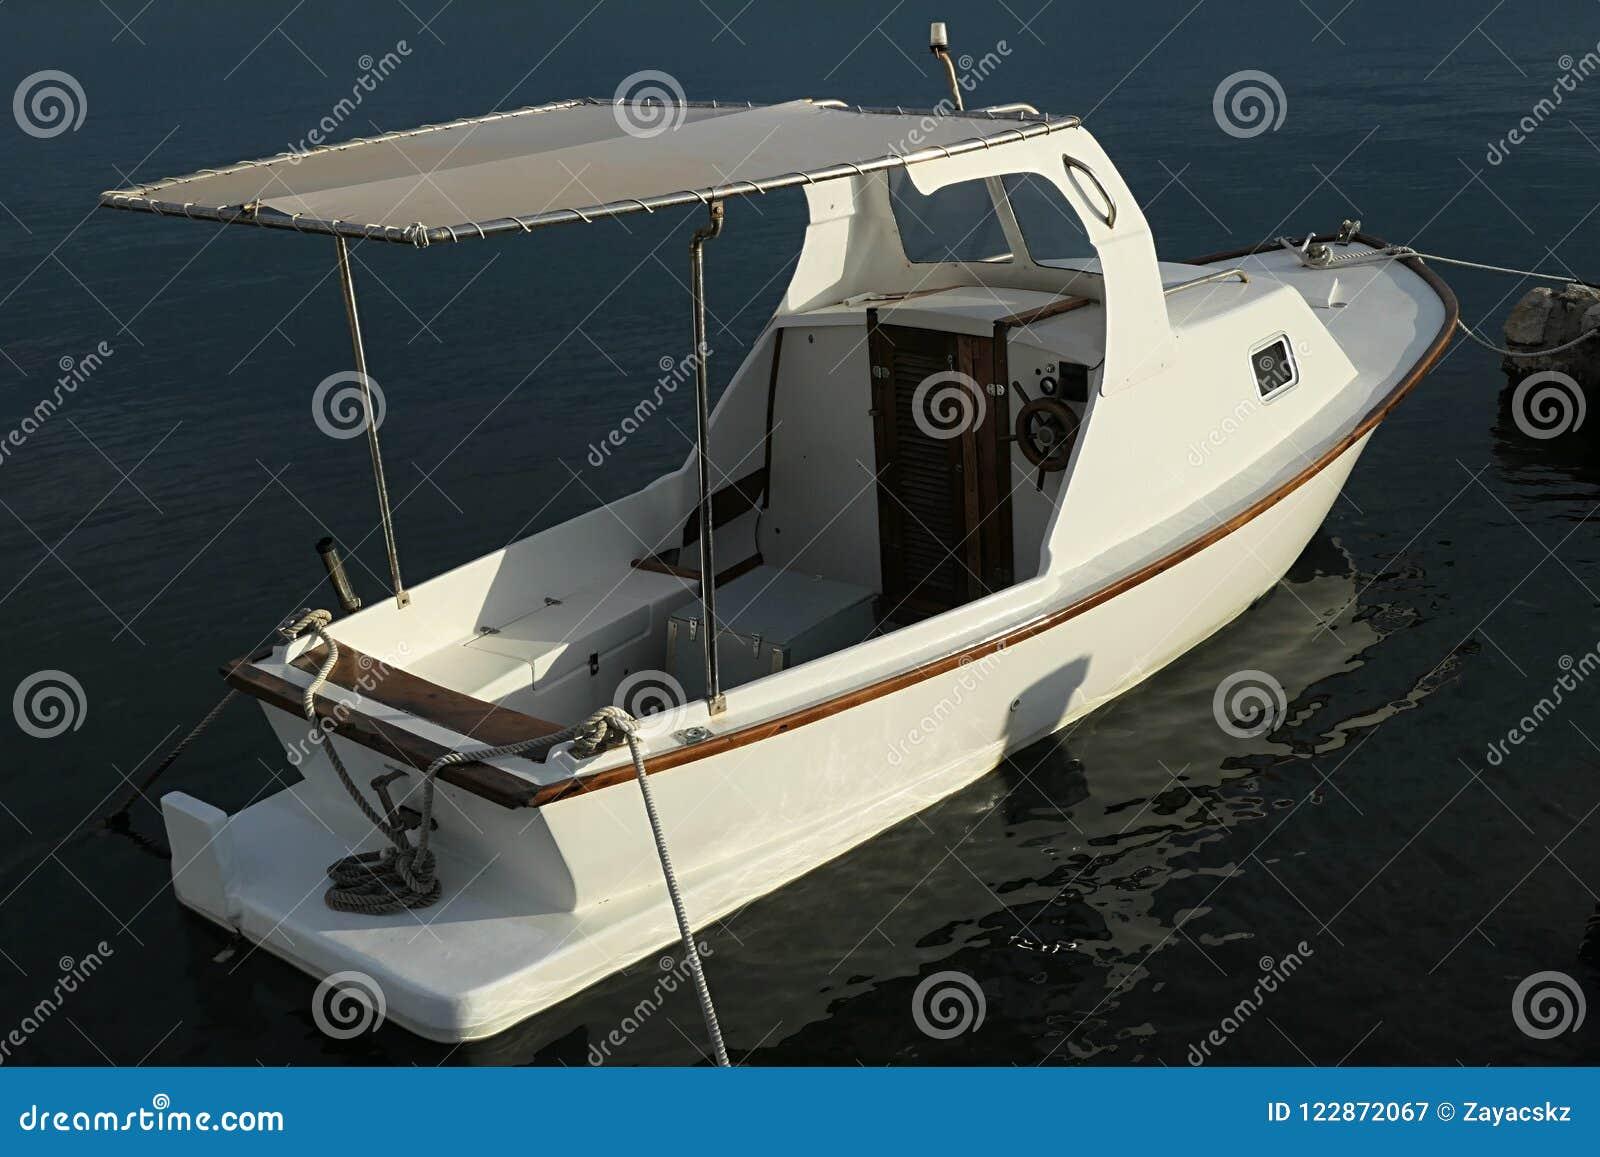 Barco de pesca branco pequeno do motor com leme de madeira, cabine pequena simples na parte dianteira